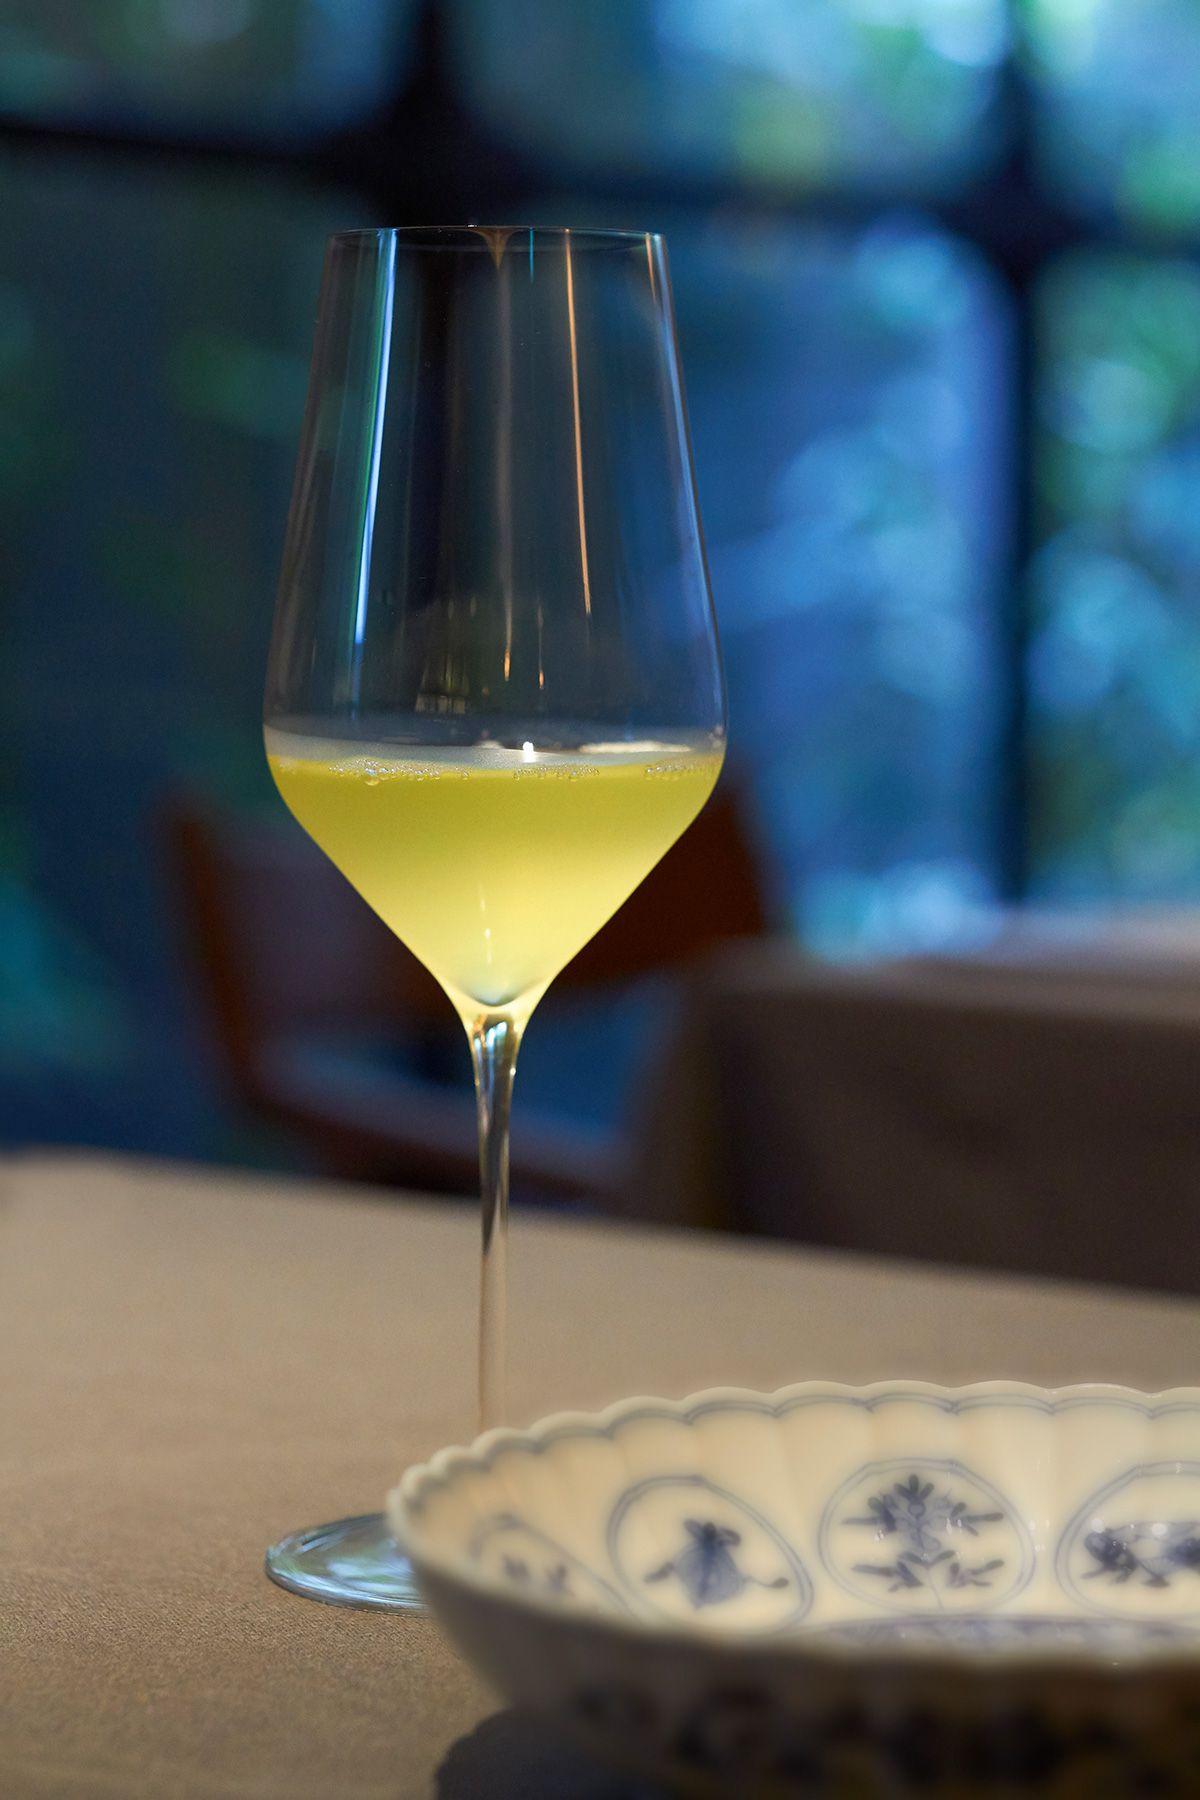 冷茶はワイングラスで出される。グラスの形のおかげで香りがよくわかる。この日の冷茶は京都の玉露だった。